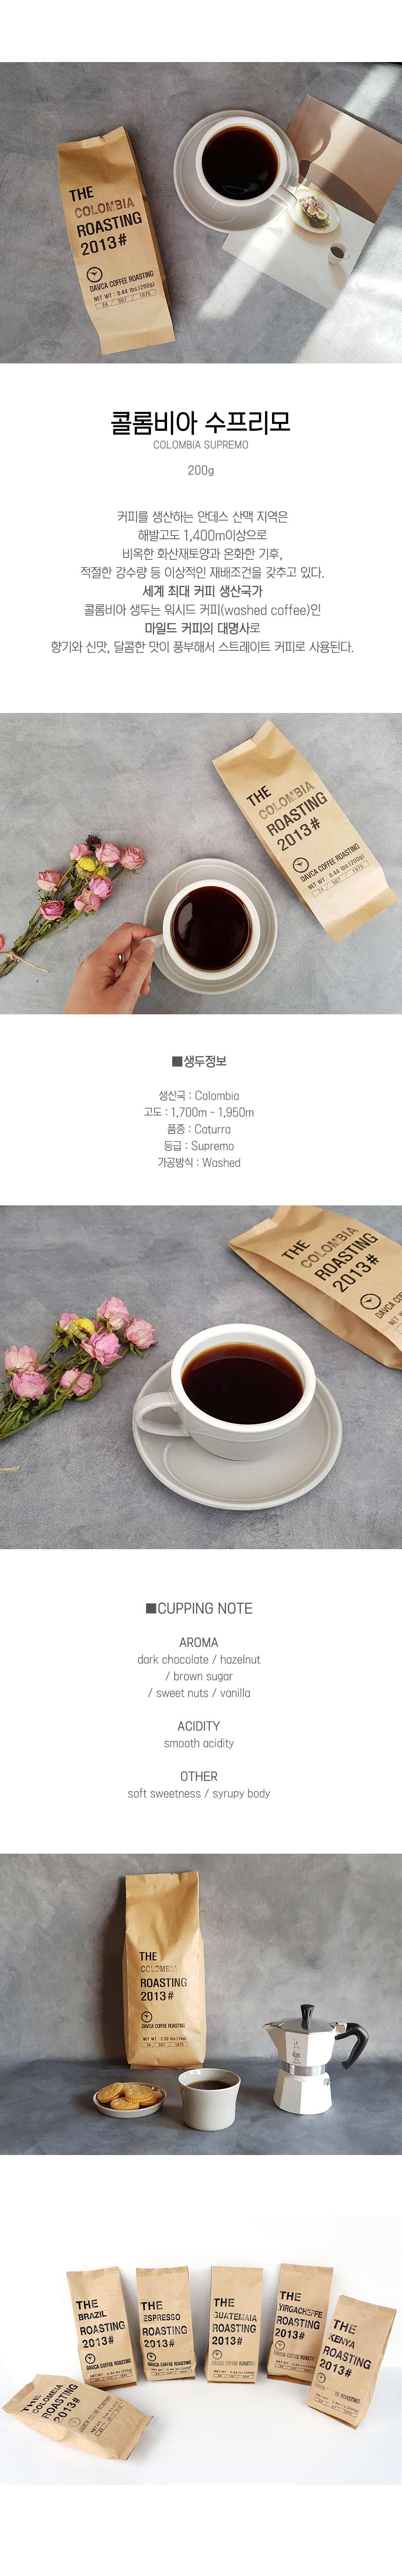 향좋은 부드러운 신선한원두커피 달콤향긋한 콜롬비아 200g - 다브카커피, 10,900원, 커피, 원두커피